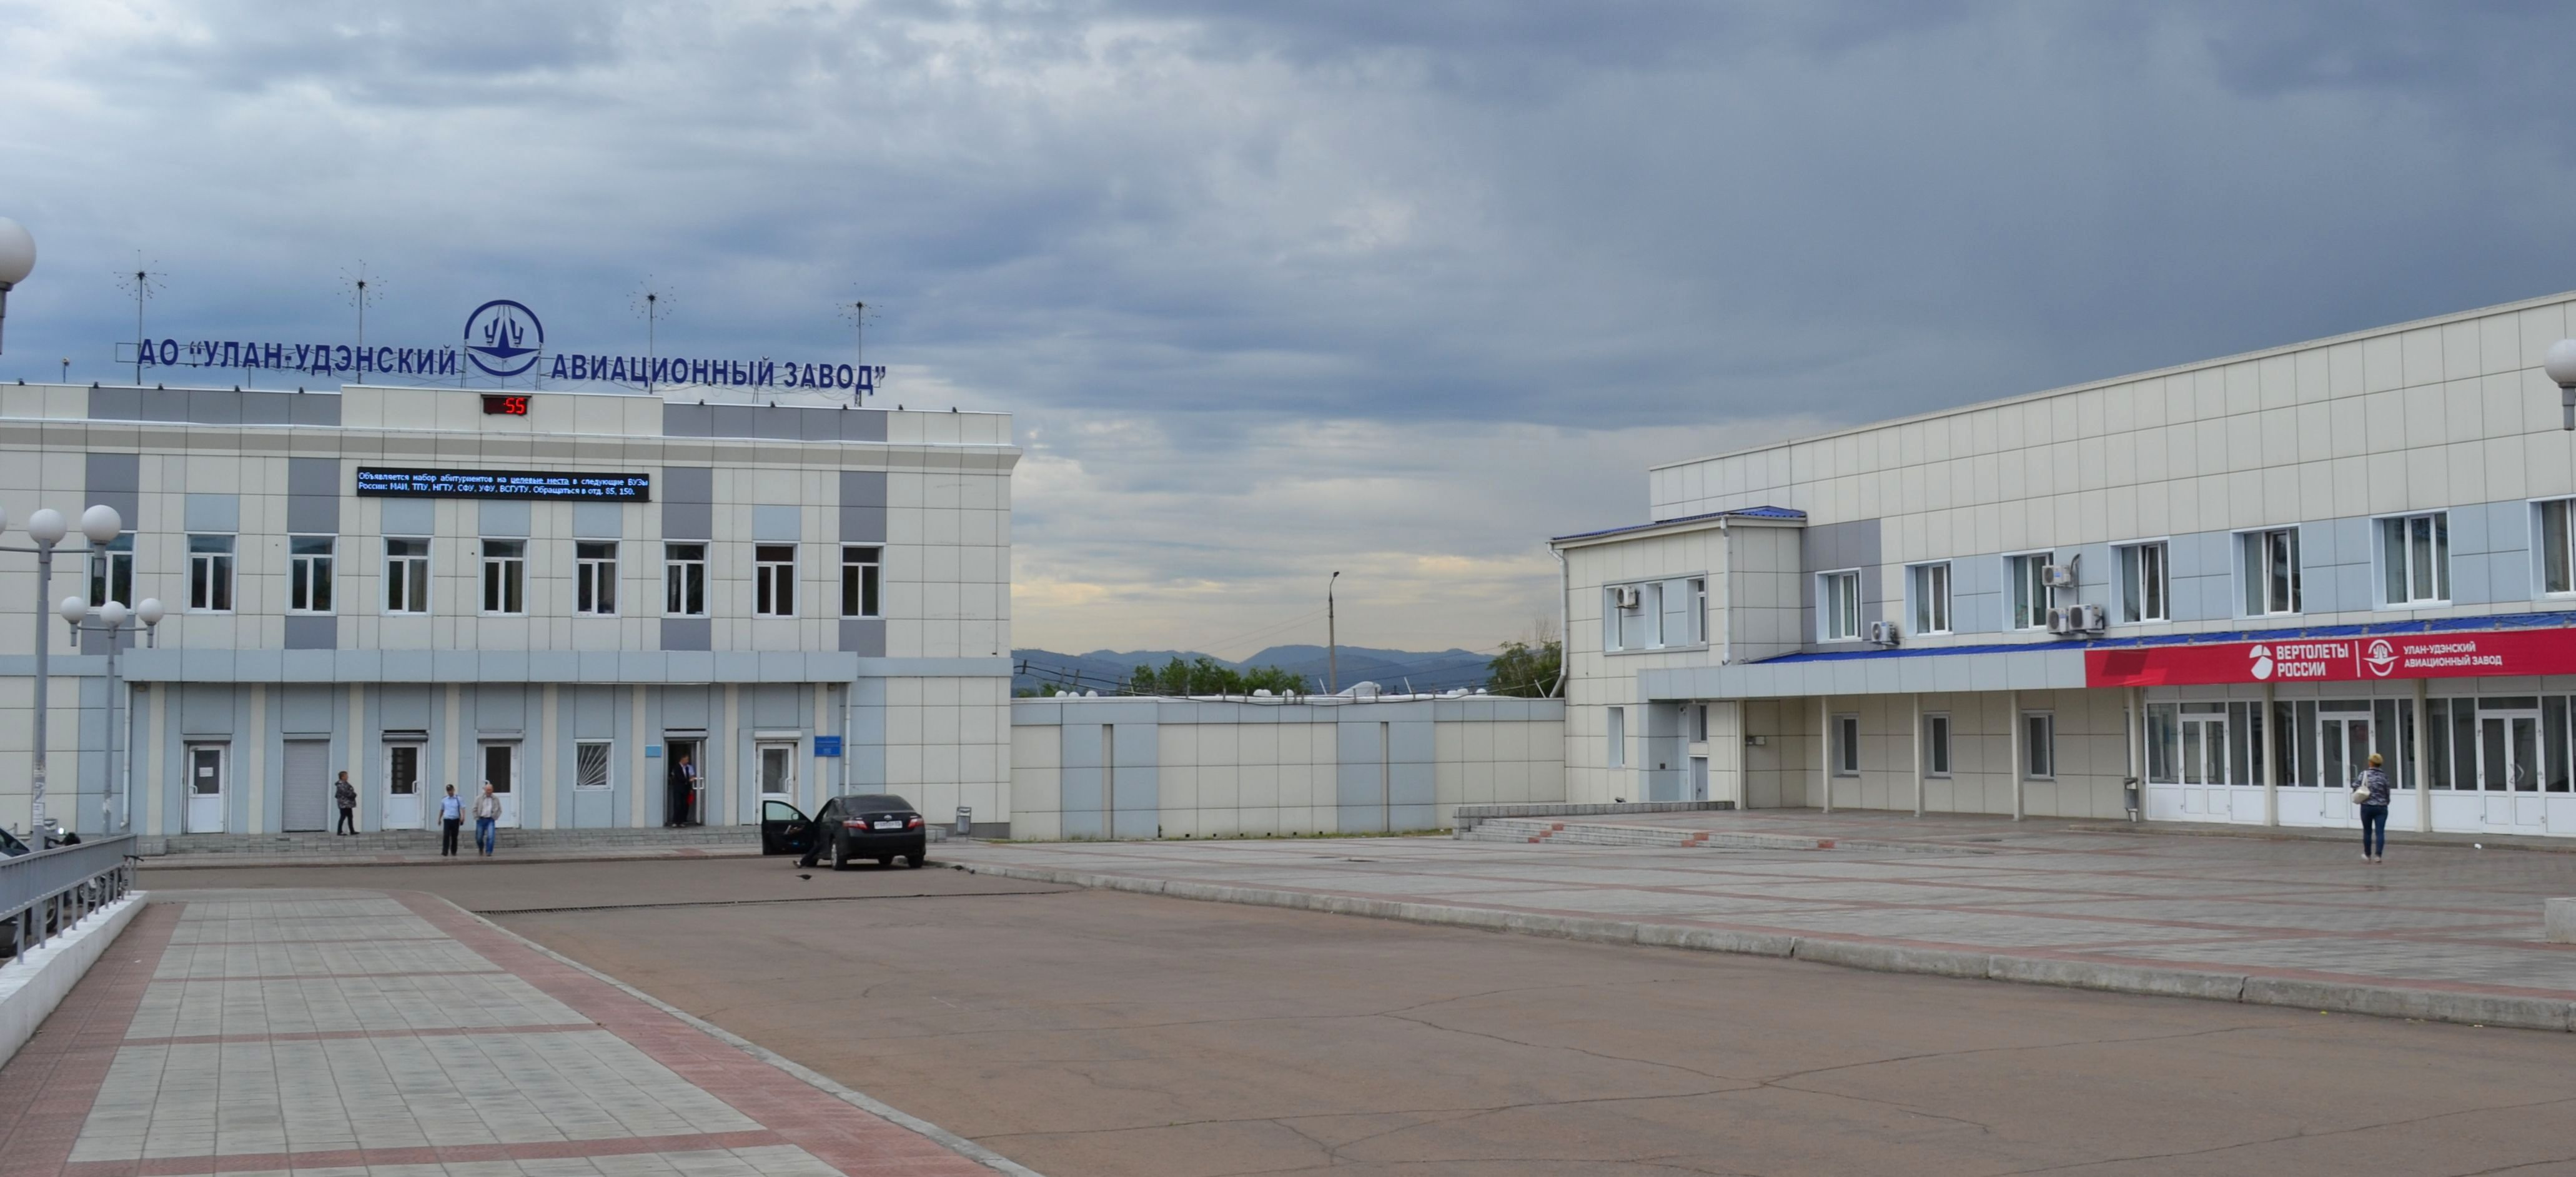 Презентация компании АО «Улан-Удэнский авиационный завод»